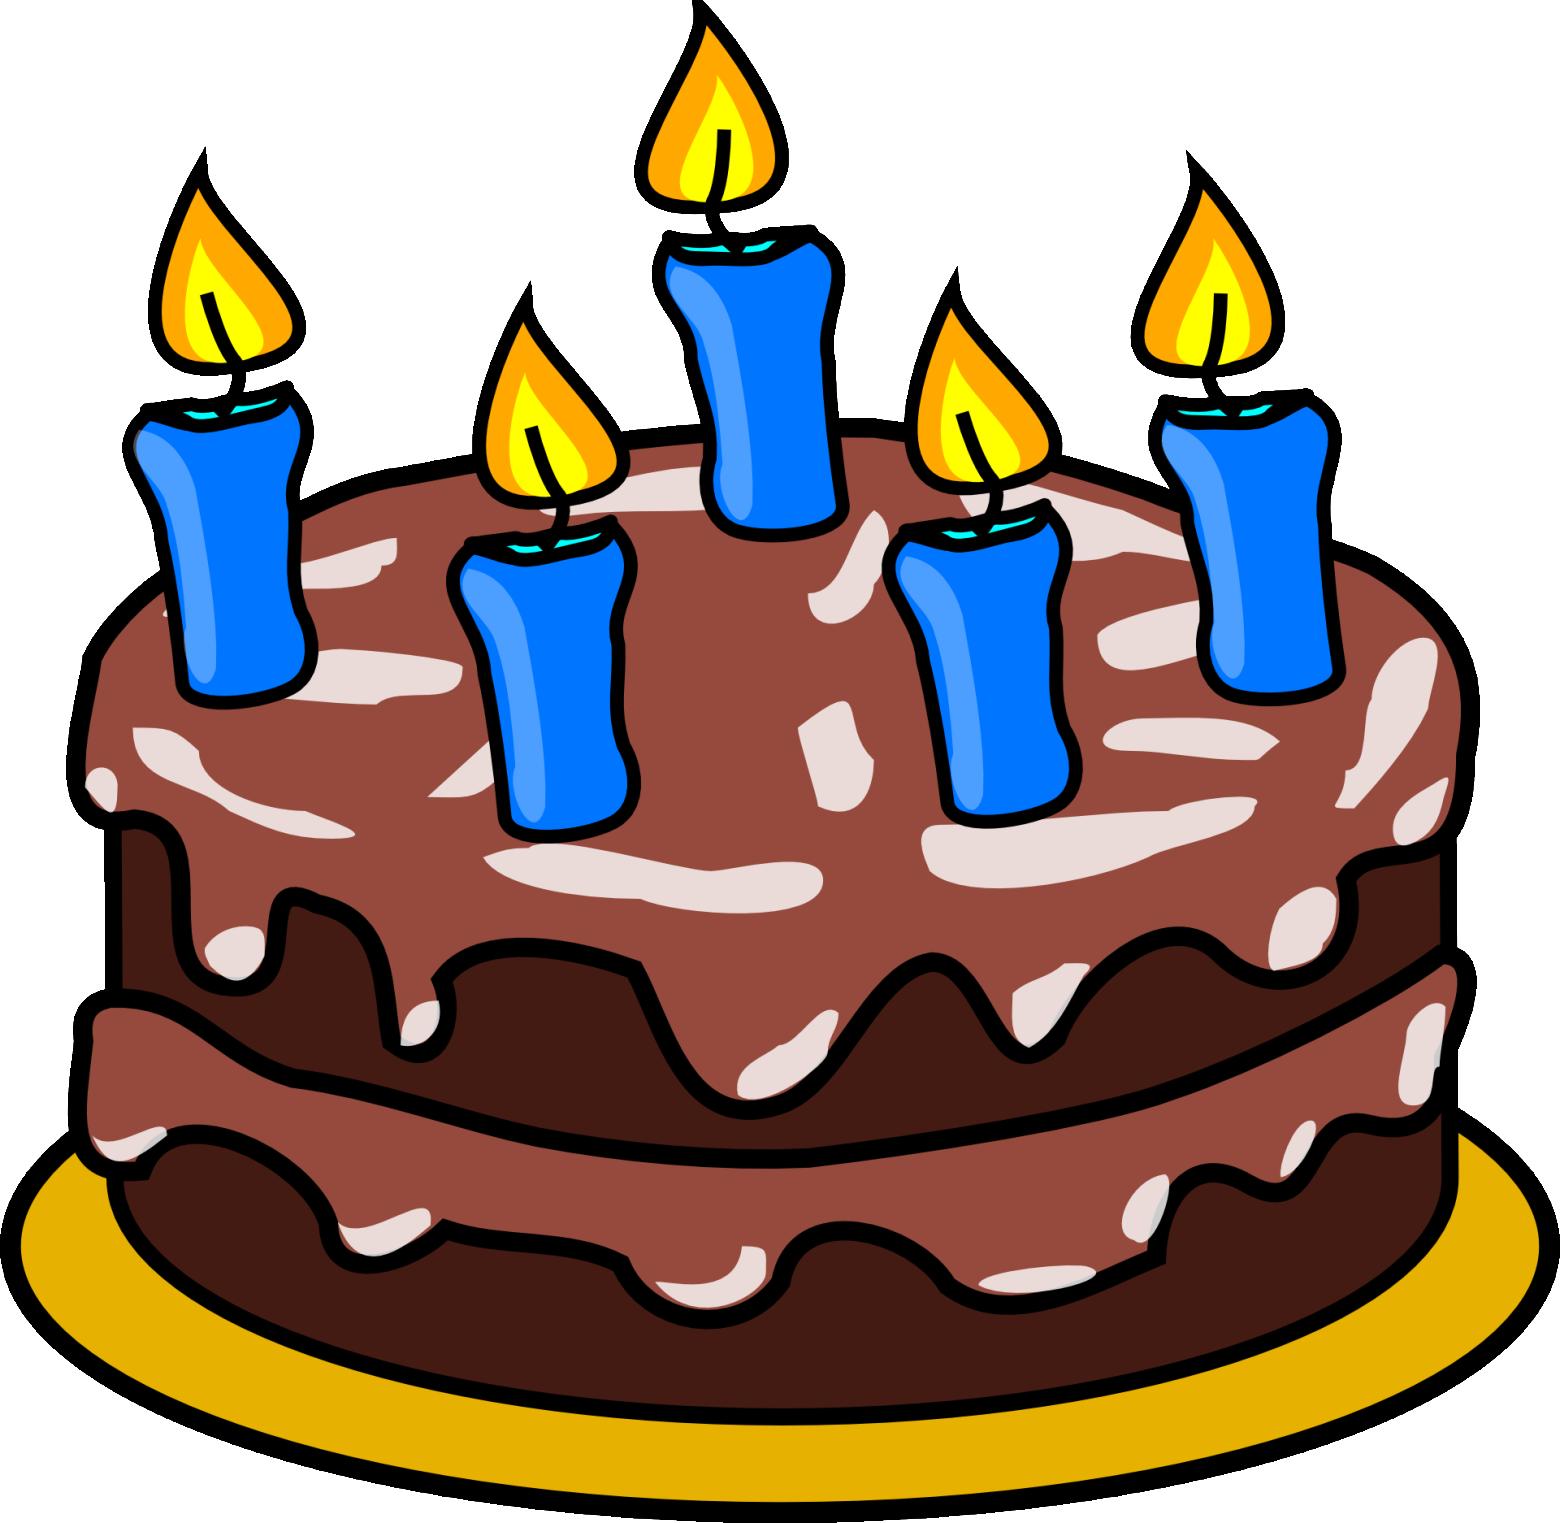 gateau anniversaire dessin tout gateaux d anniversaire dessin 15 gteau du0027anniversaire avec - Dessin Sur Gateau